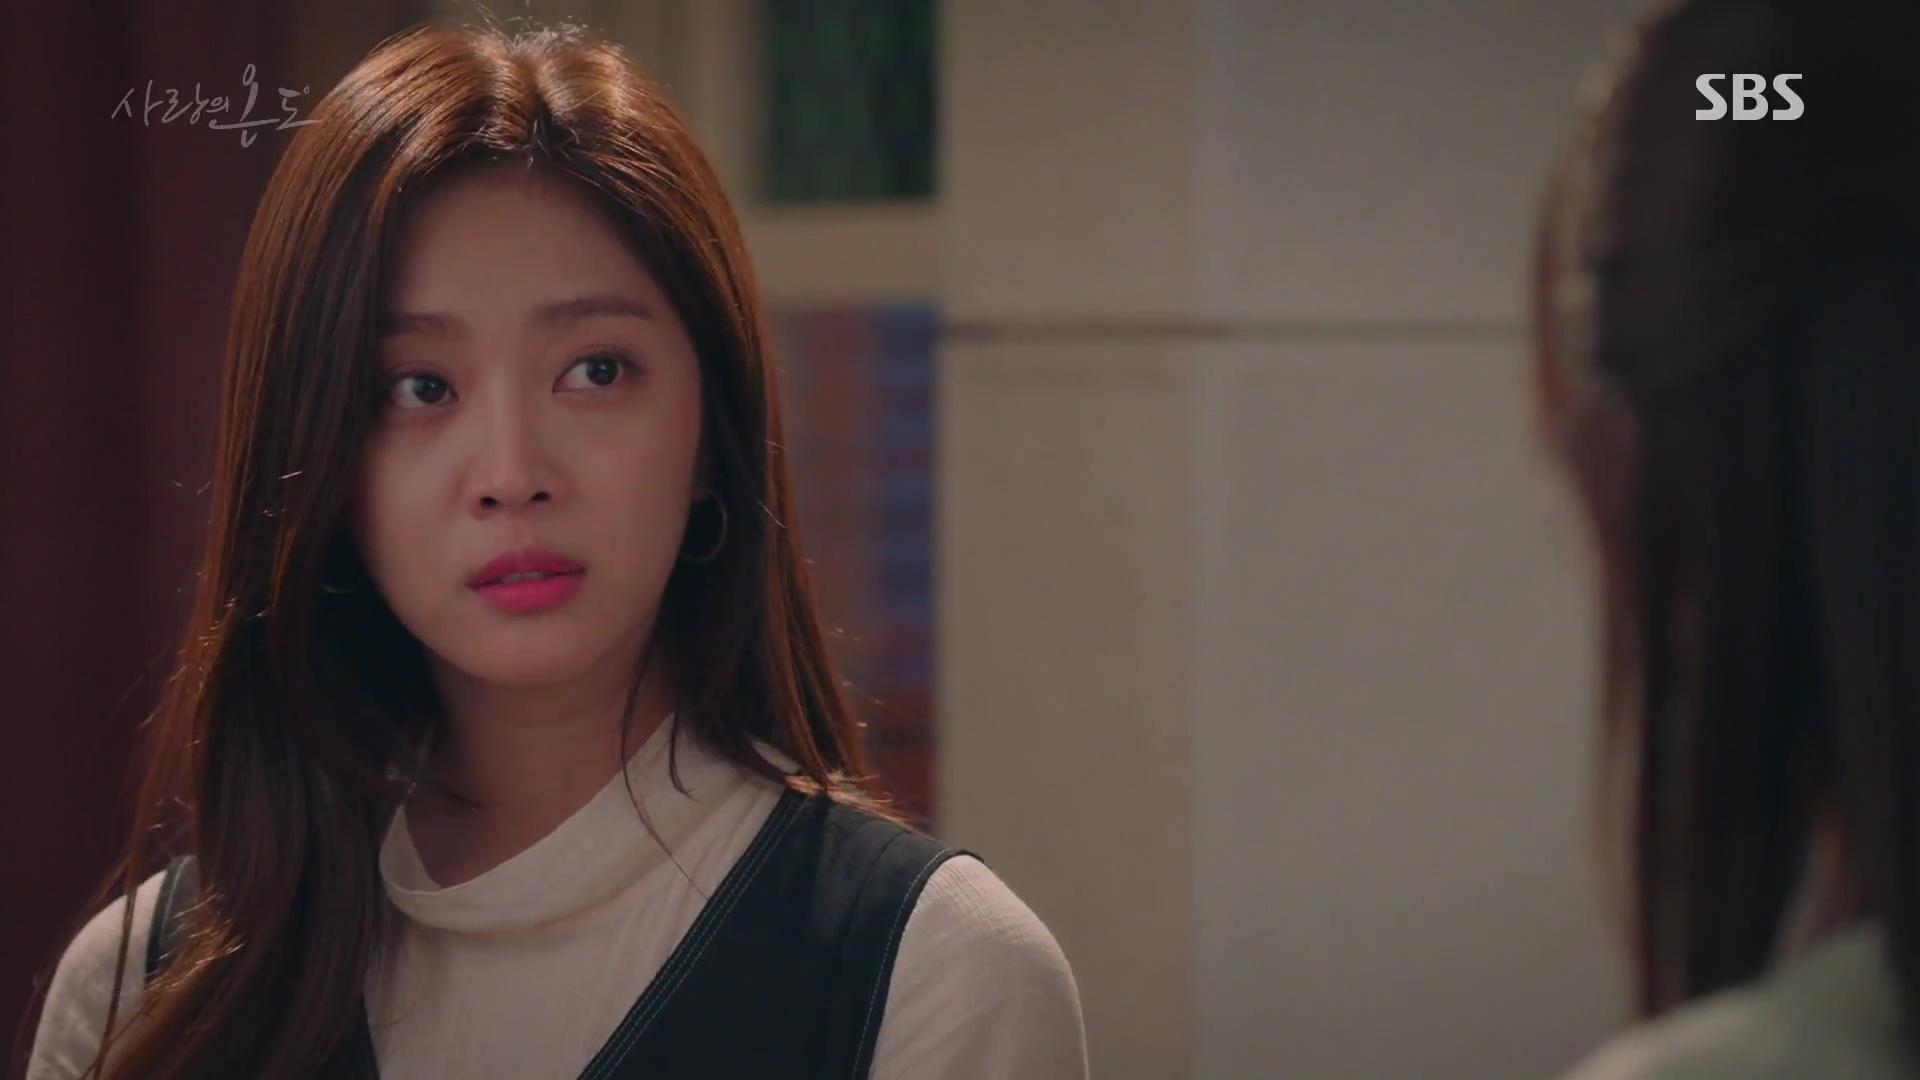 Bị nam chính bơ đẹp, yêu nữ số 1 Hàn Quốc nuốt không nổi cơm, quyết phục thù - Ảnh 3.